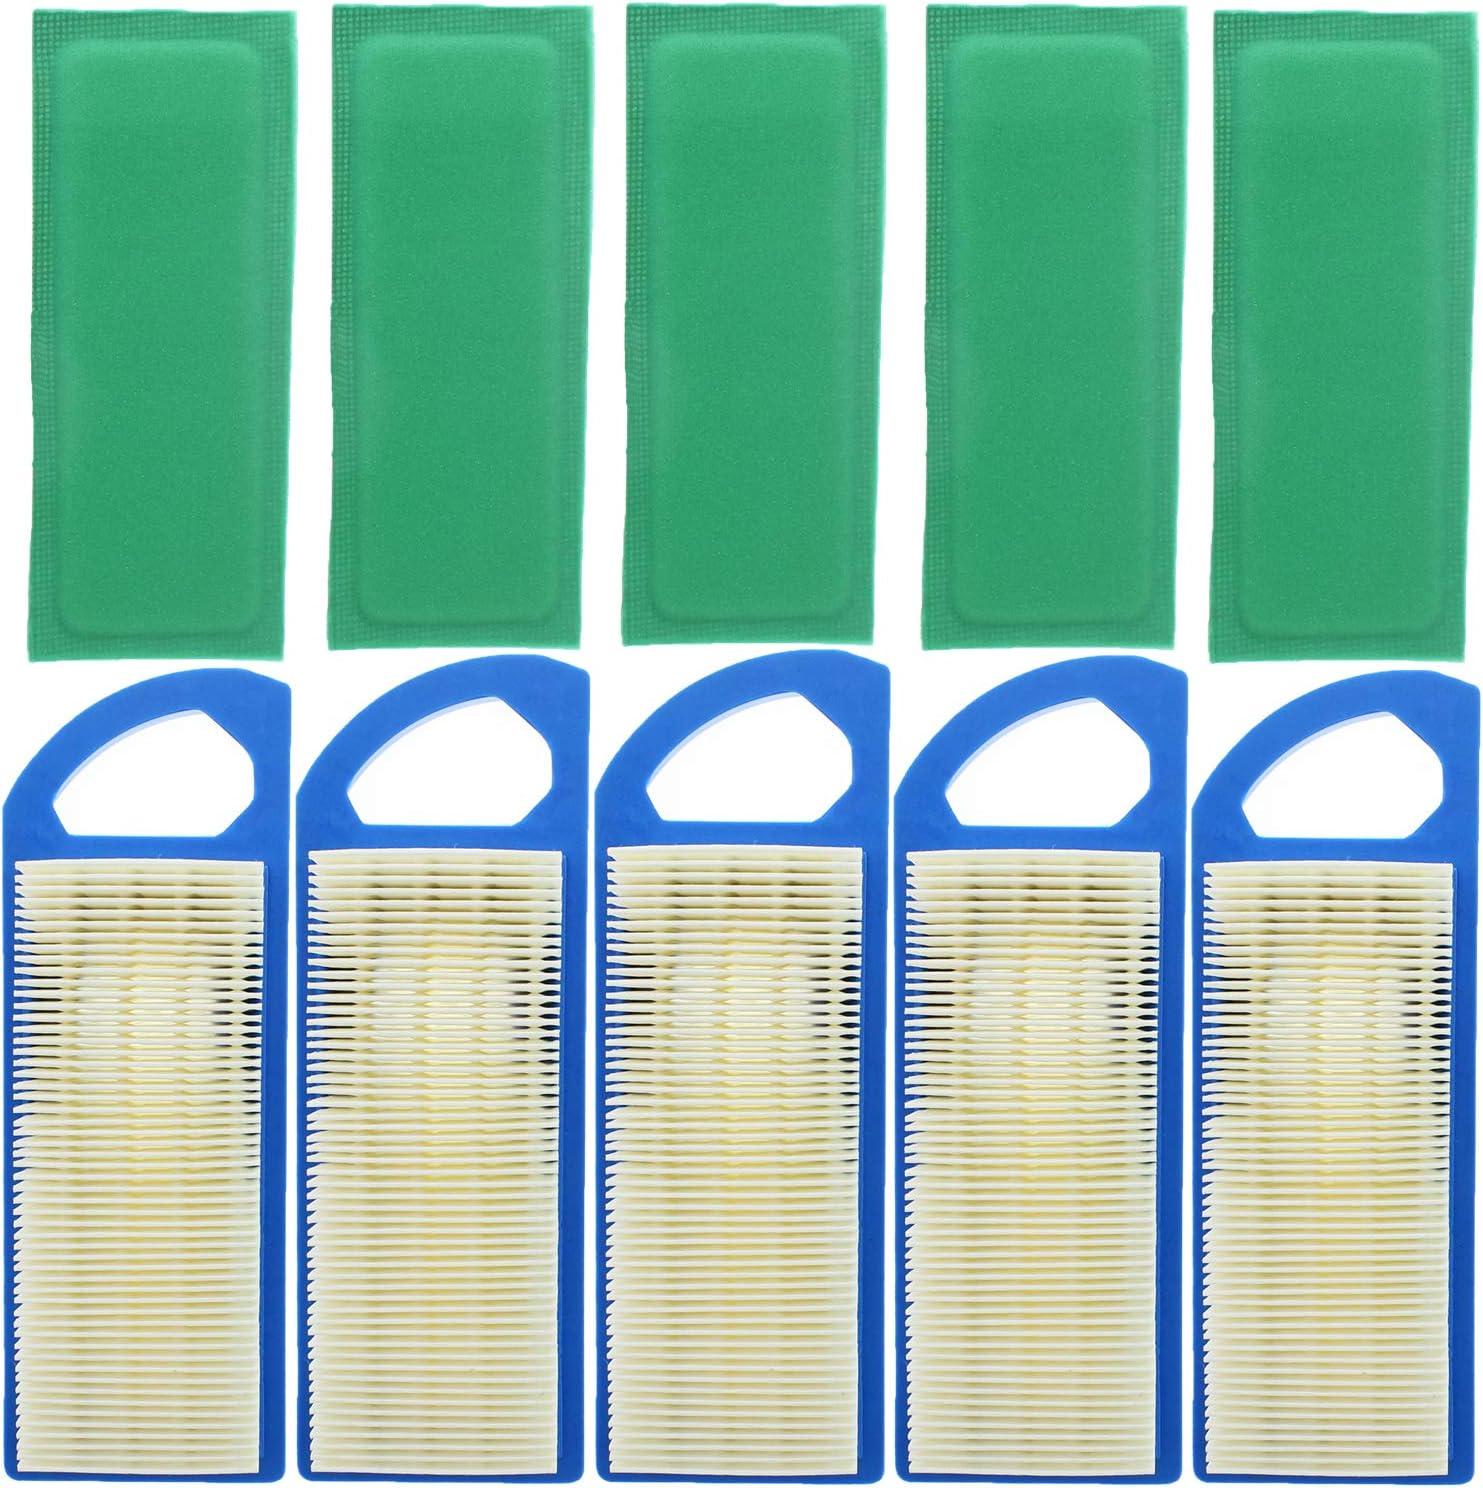 QAZAKY Air Filter Compatible for Briggs /& Stratton 653202 677014 697014 697015 697153 677014 695547 697014 697153 697634 697776 698083 794422 795115 797008 285H77 31E707 31E777 4211 4214 5077K 5077D